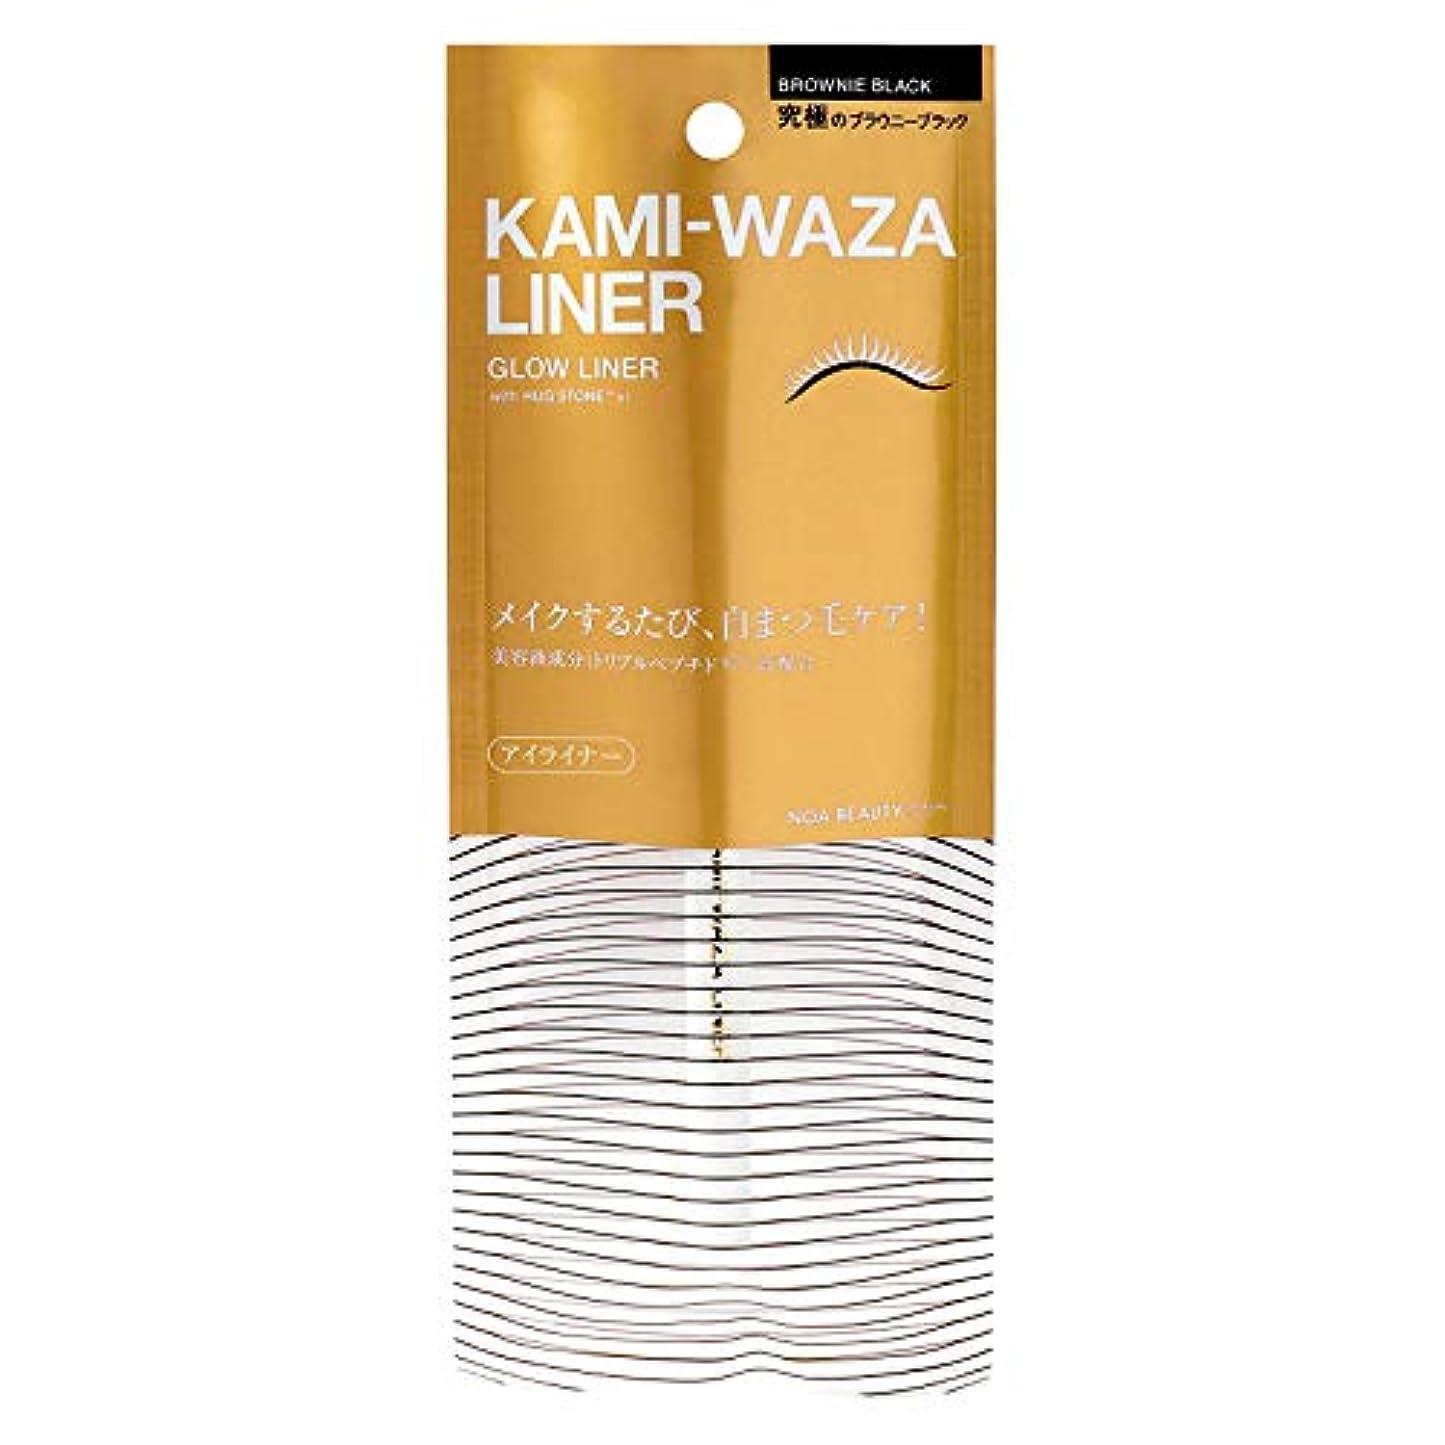 トラック余計なトラフィックKAMI-WAZA(カミワザ) LINER 〈美容ライナー〉 KWL01 (0.5mL)